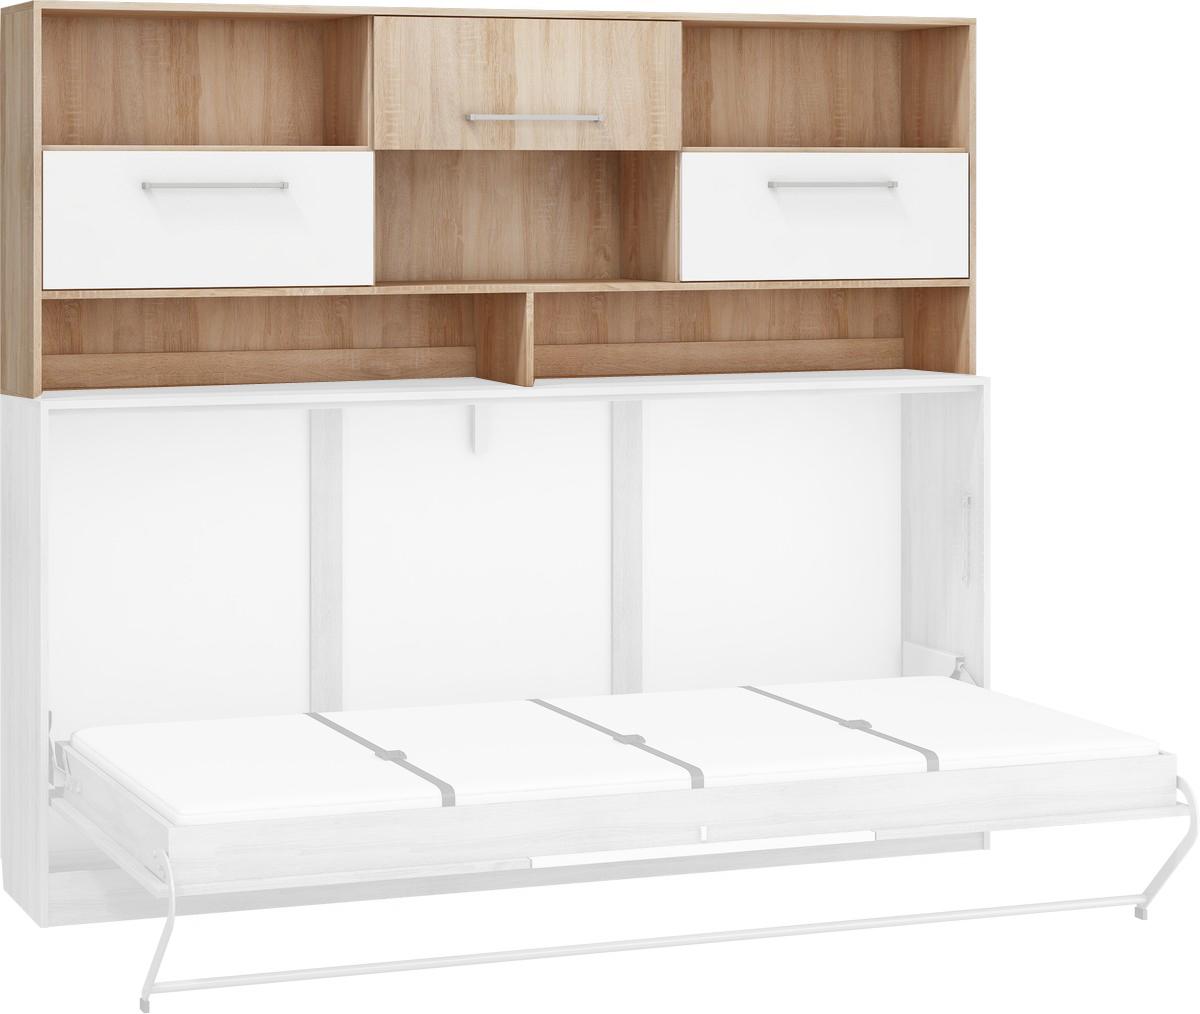 Nadstavba (nad rozkladaciu posteľ) - WIP - Roger